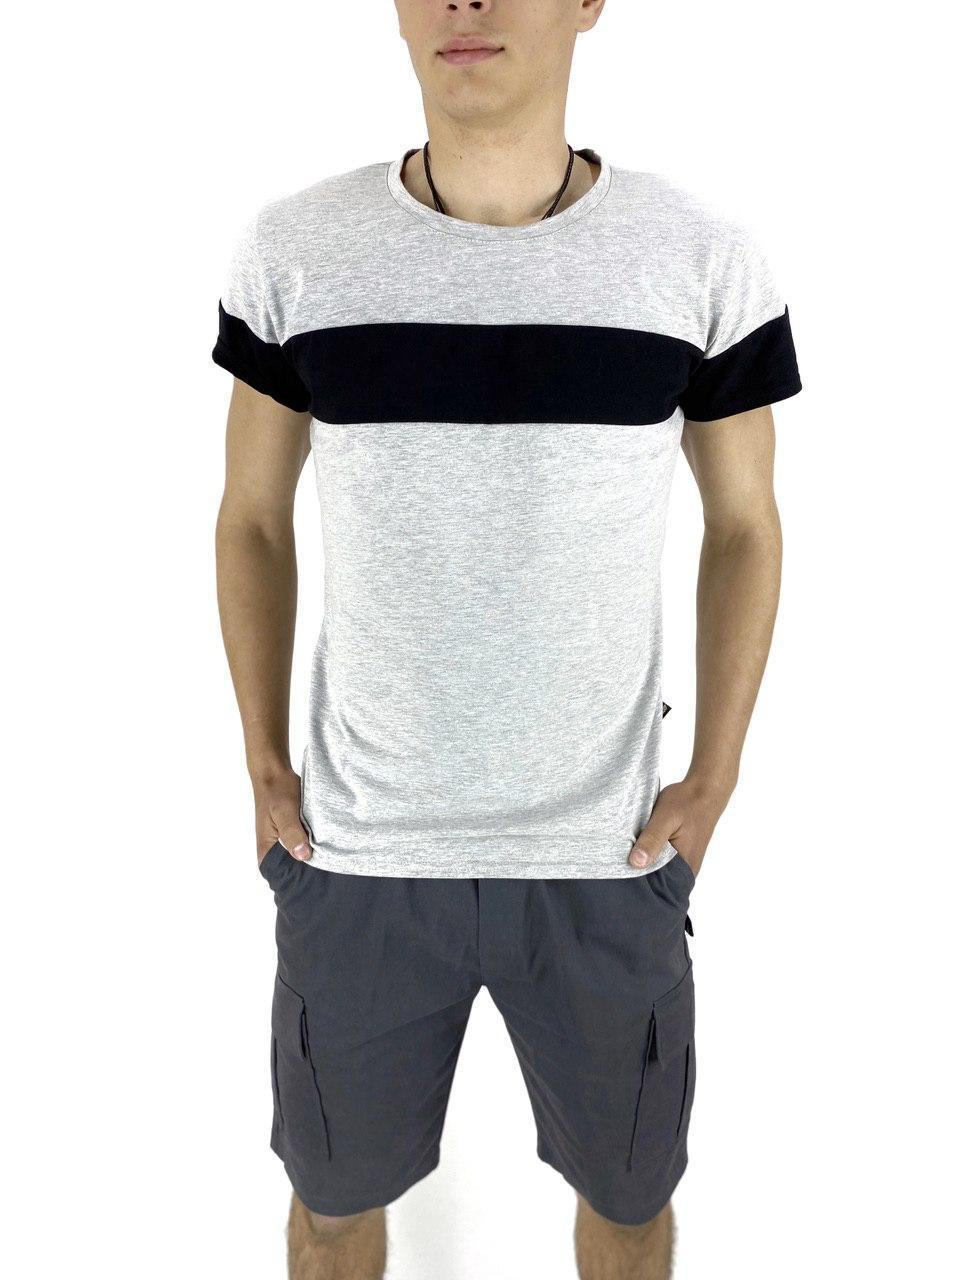 Комплект Футболка Color Stripe сіра - чорна і Шорти Miami сірі SKL59-259627